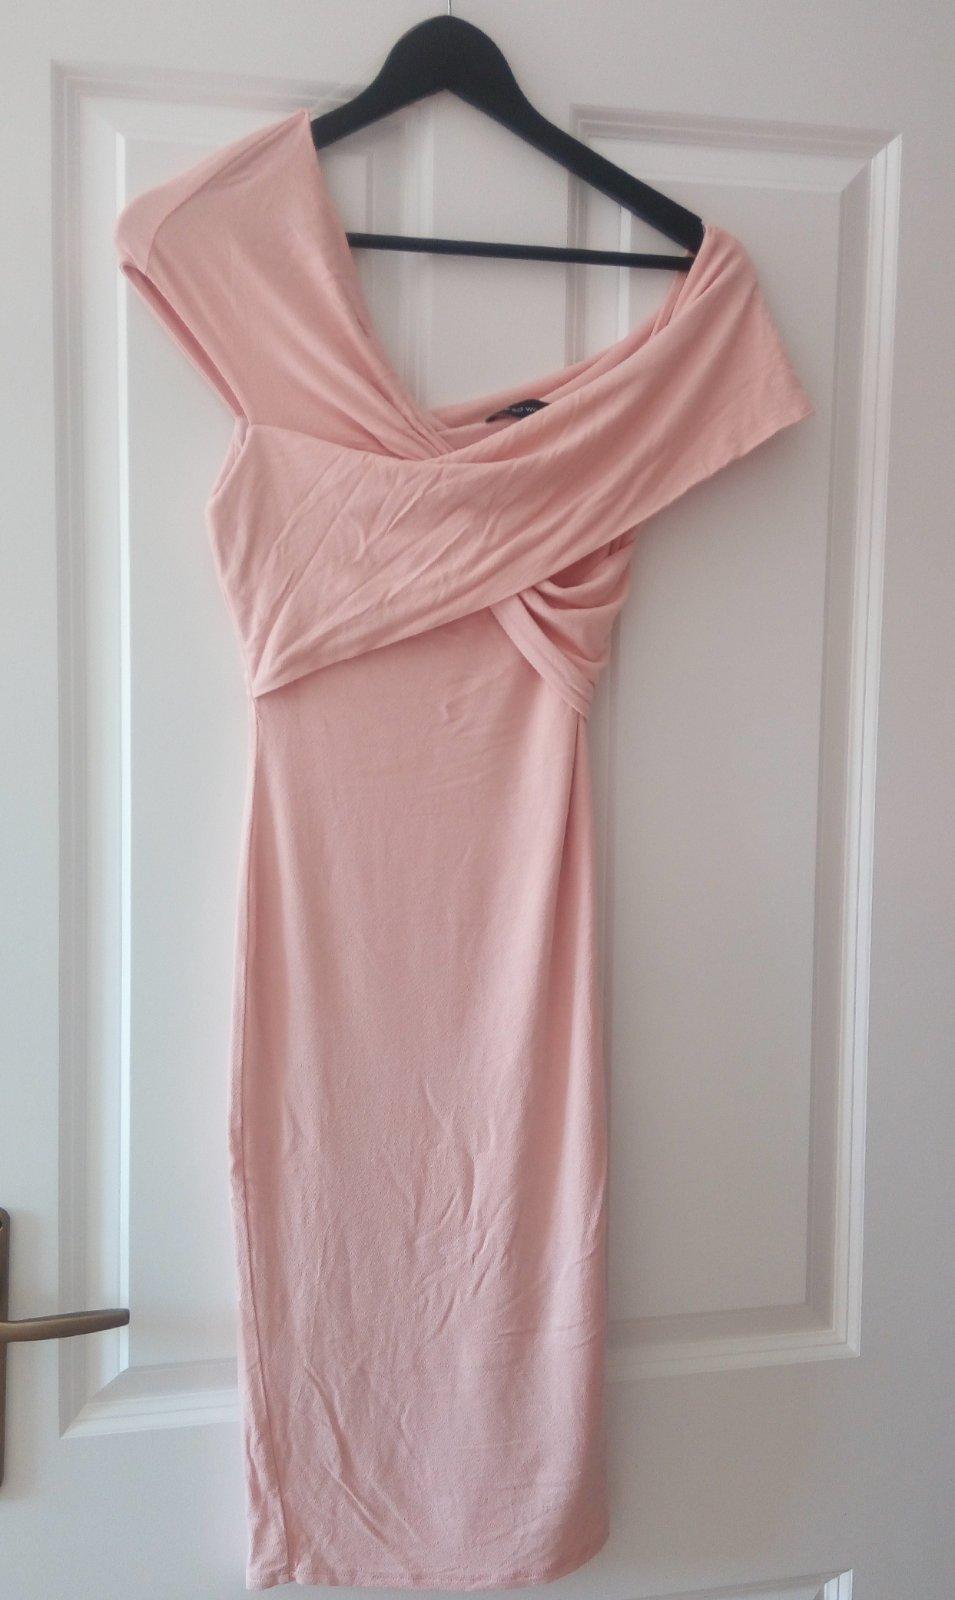 Bledoružové šaty XS/S - Obrázok č. 3